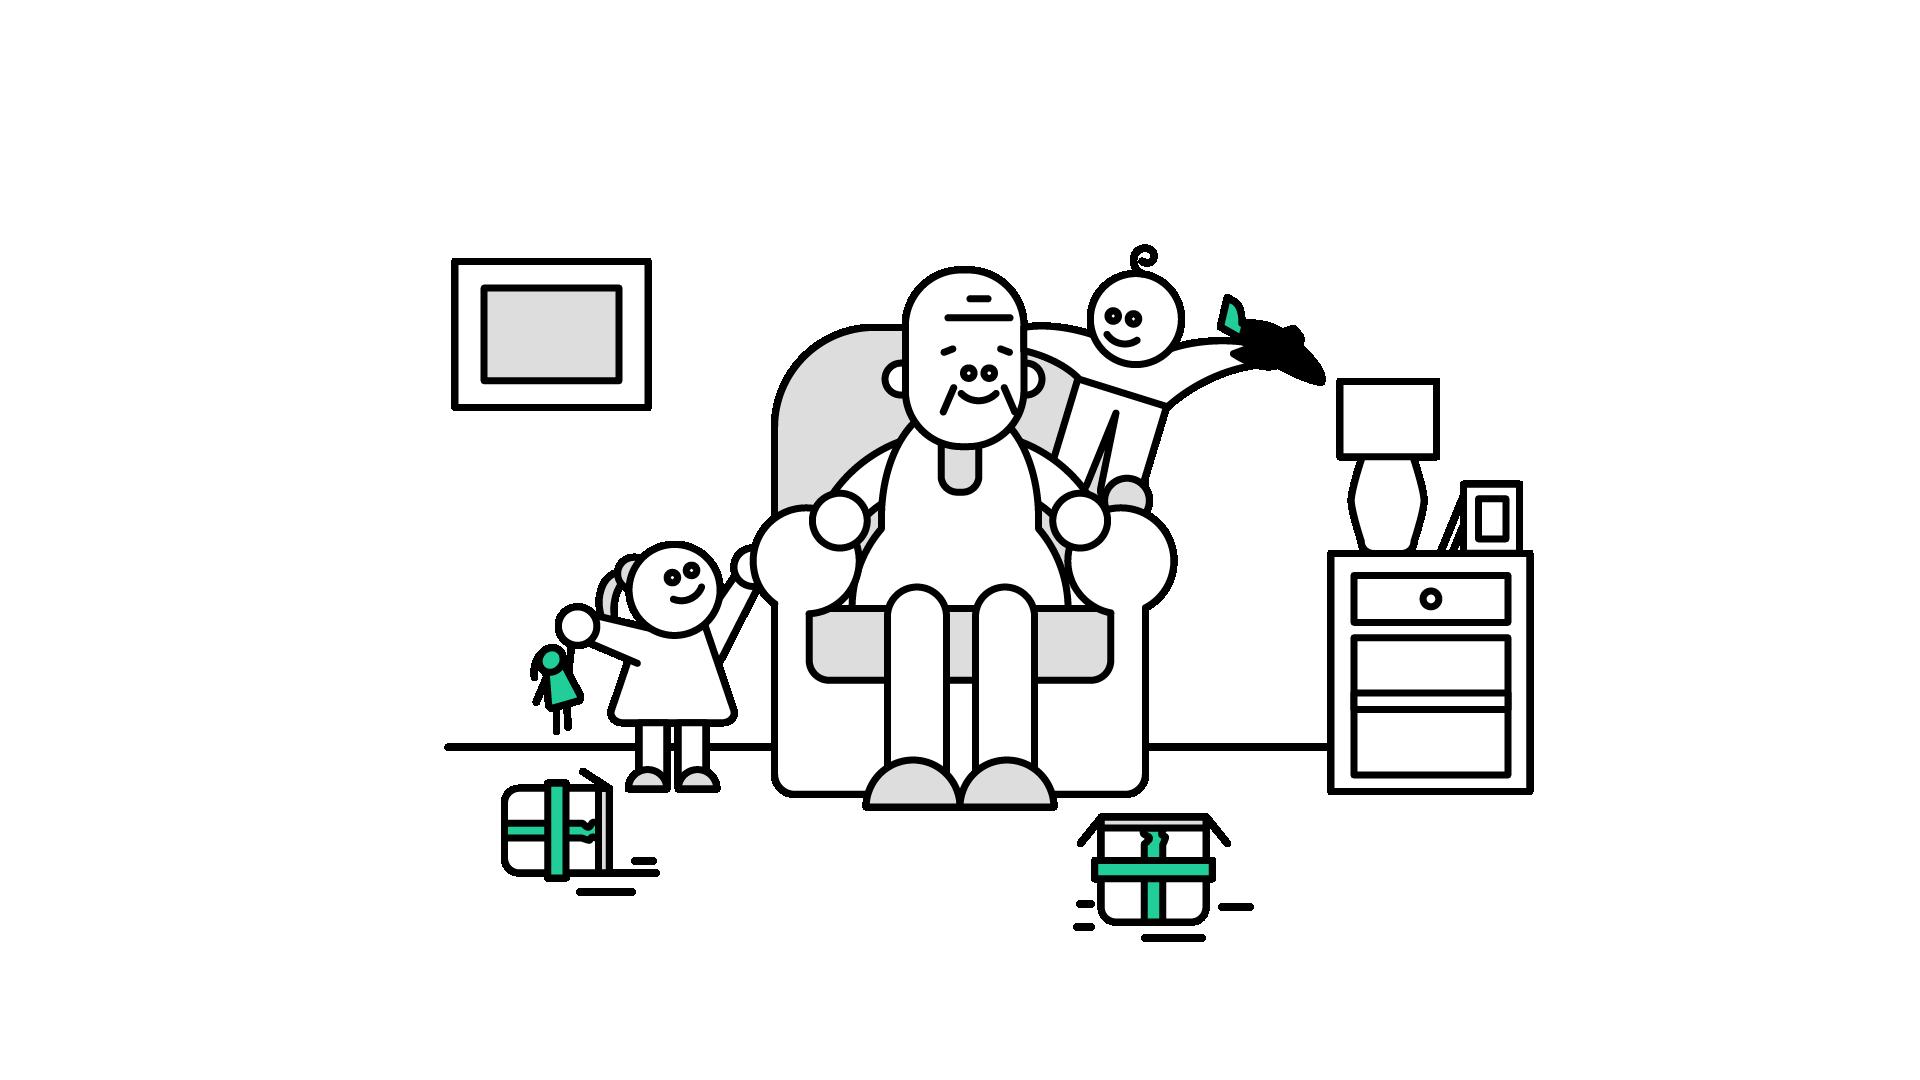 Grandpa kids toys playing